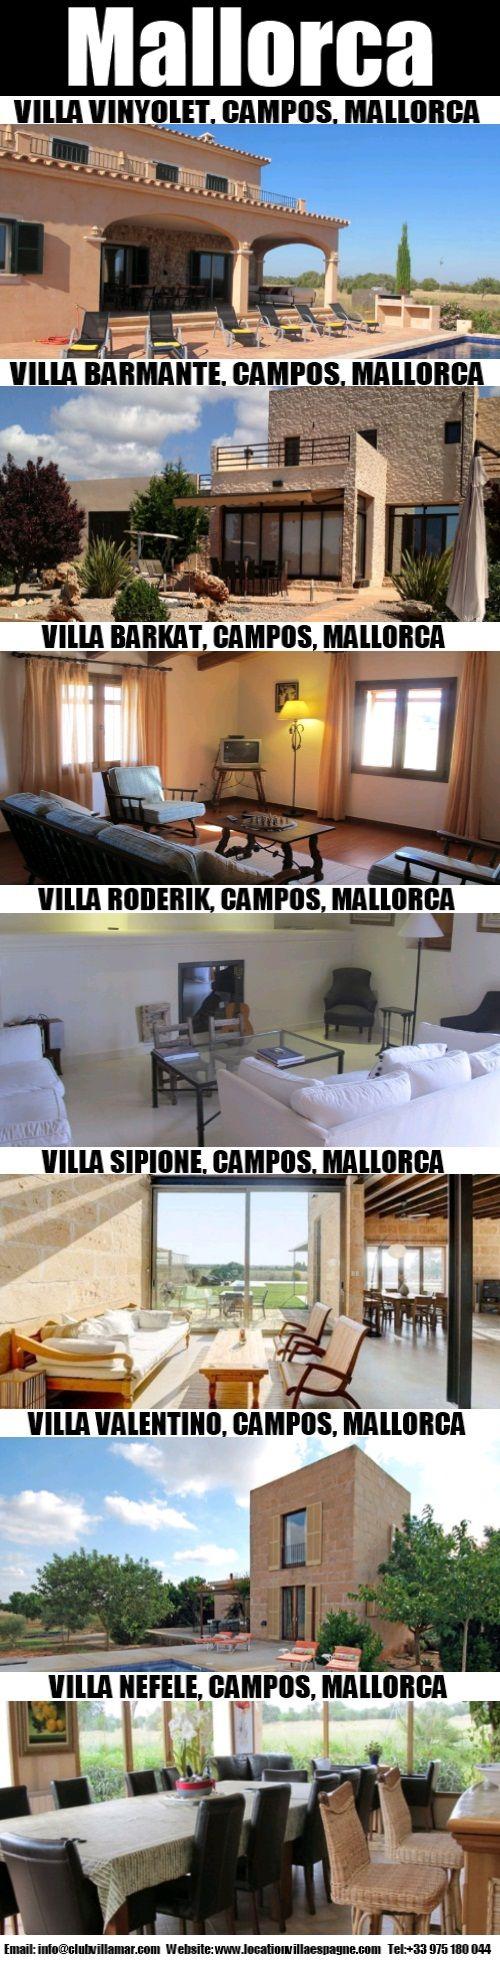 Villas à Majorque a beaucoup d'espace et climatisation centrale. L'hébergement est généralement composé d'un salon, salle à manger, chambre à coucher avec salle de bains, salle de bains avec douche et baignoire.